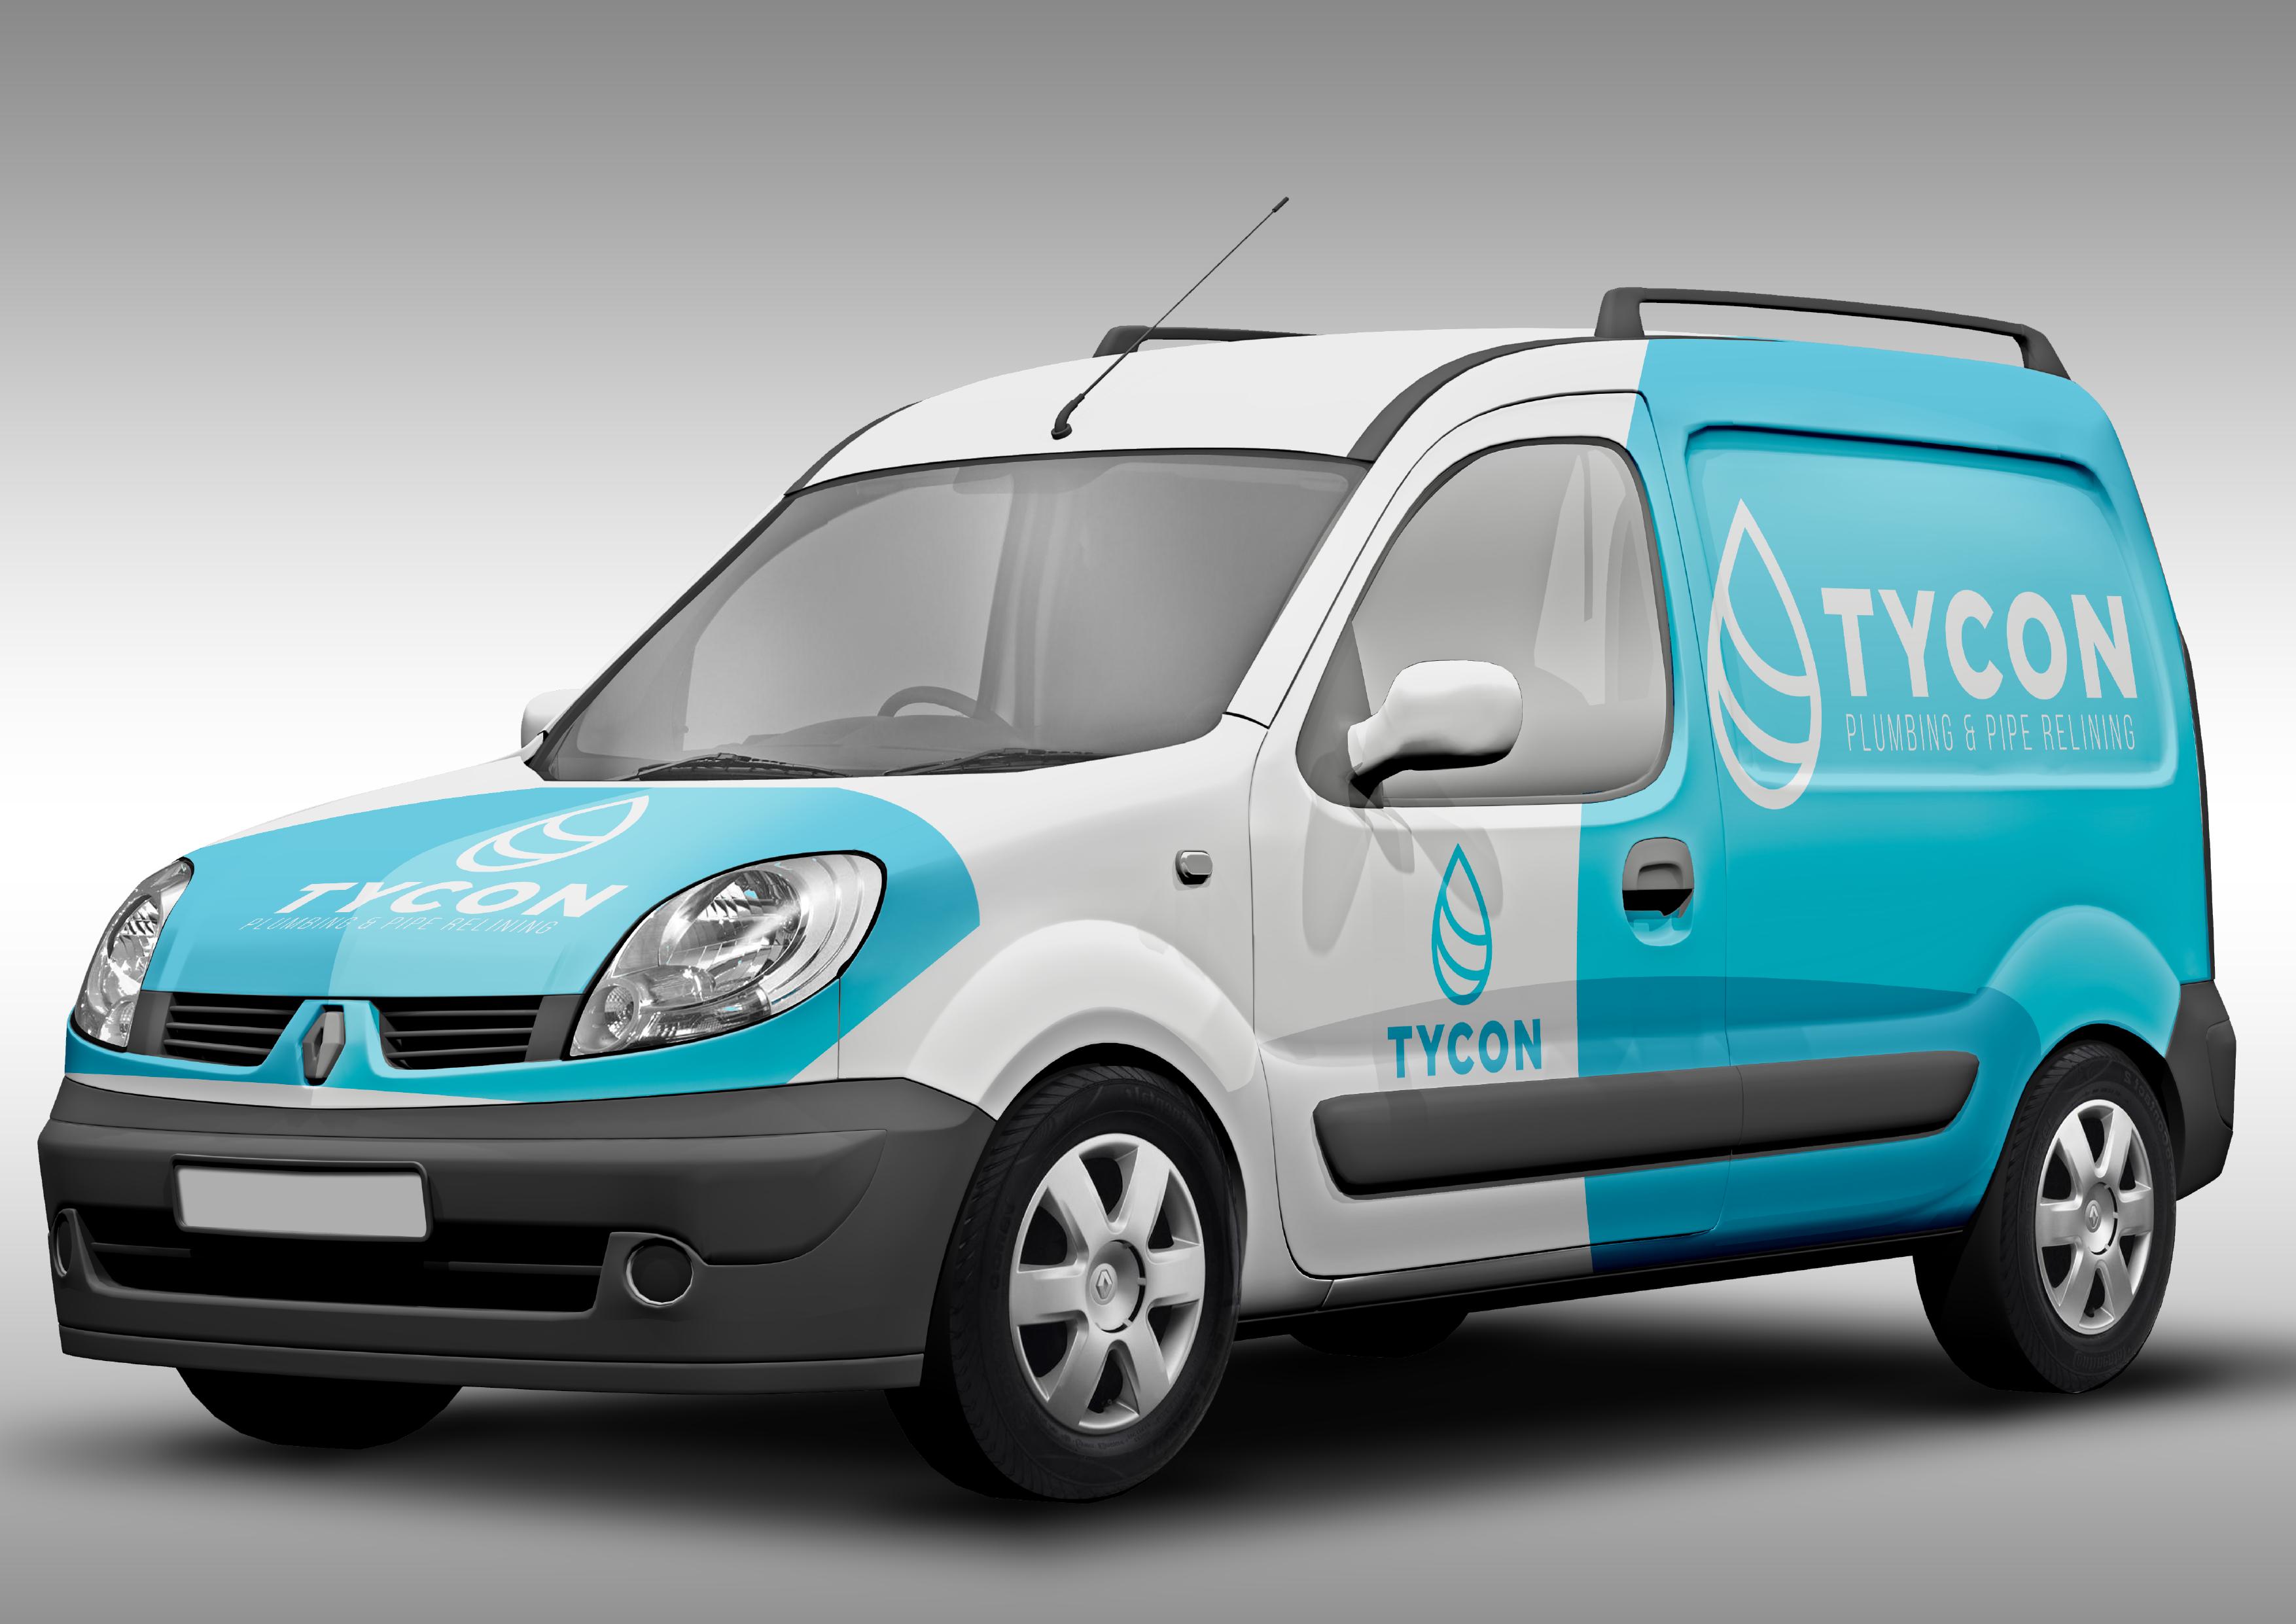 Tycon plumbing logo van